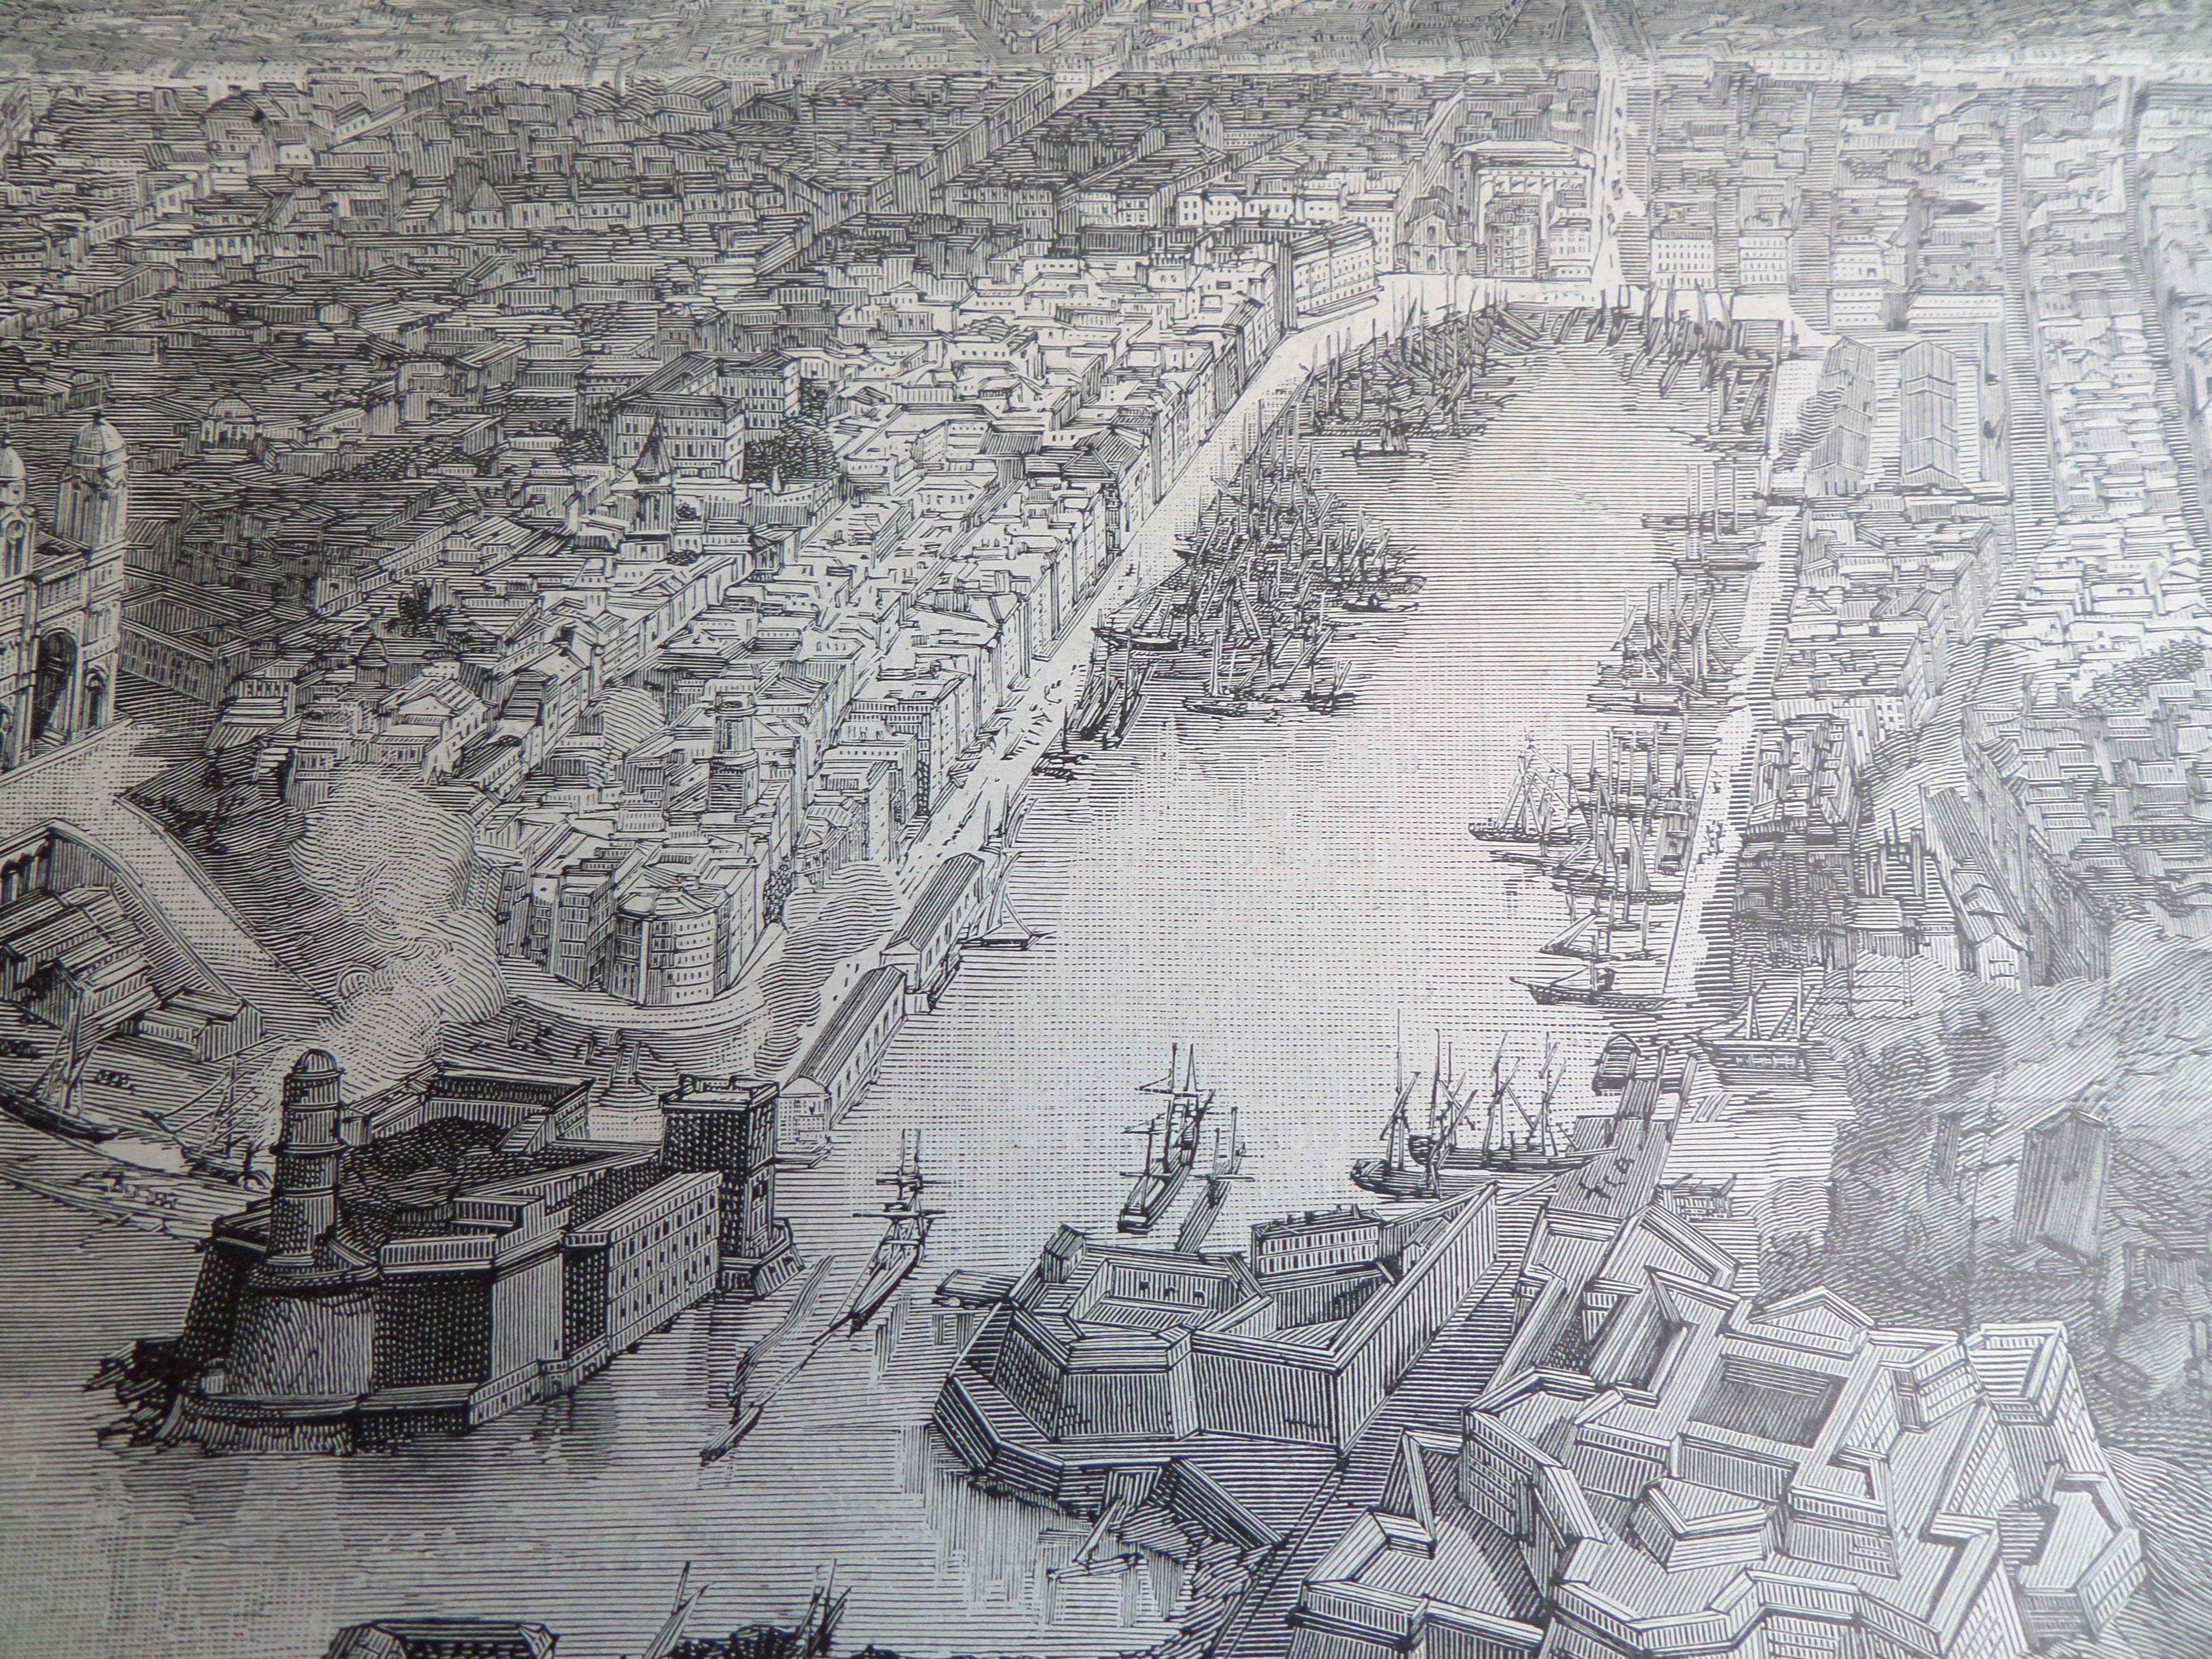 Un panoramique de marseille dans le journal illustr e de 1890 un monde de p - Le journal de marseille ...